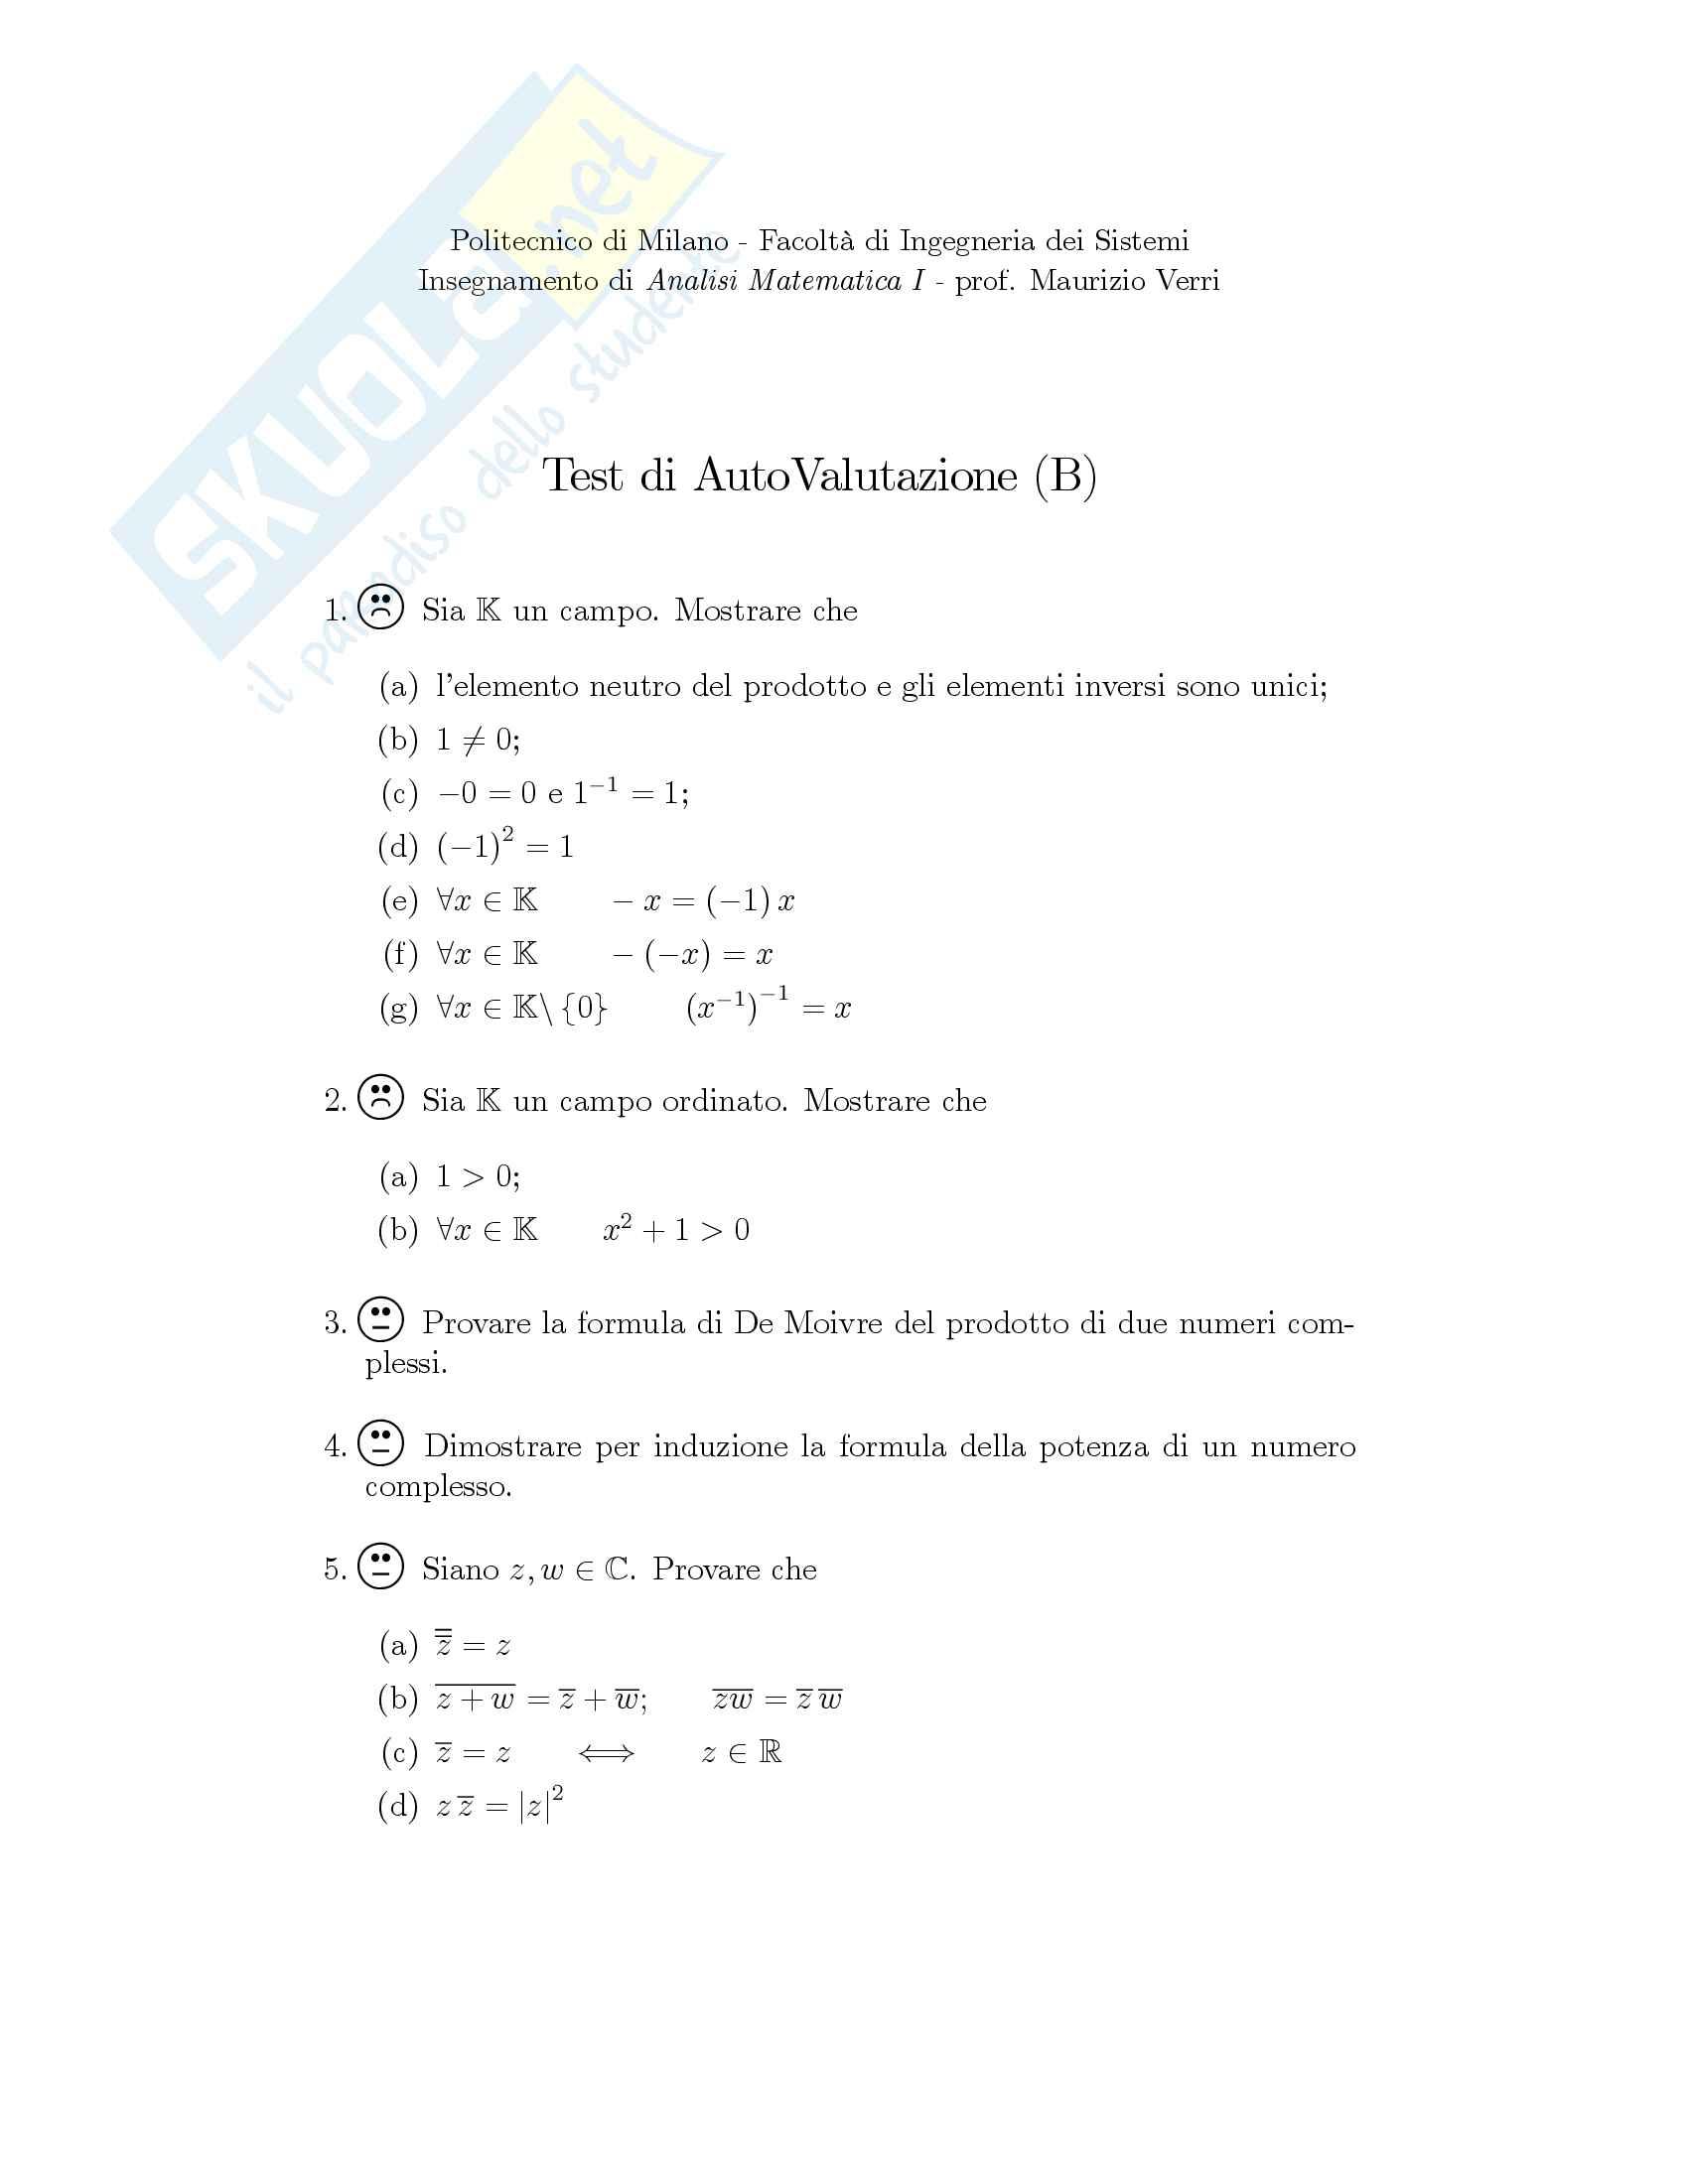 Analisi Matematica - Temi d'Esame svolti Pag. 1